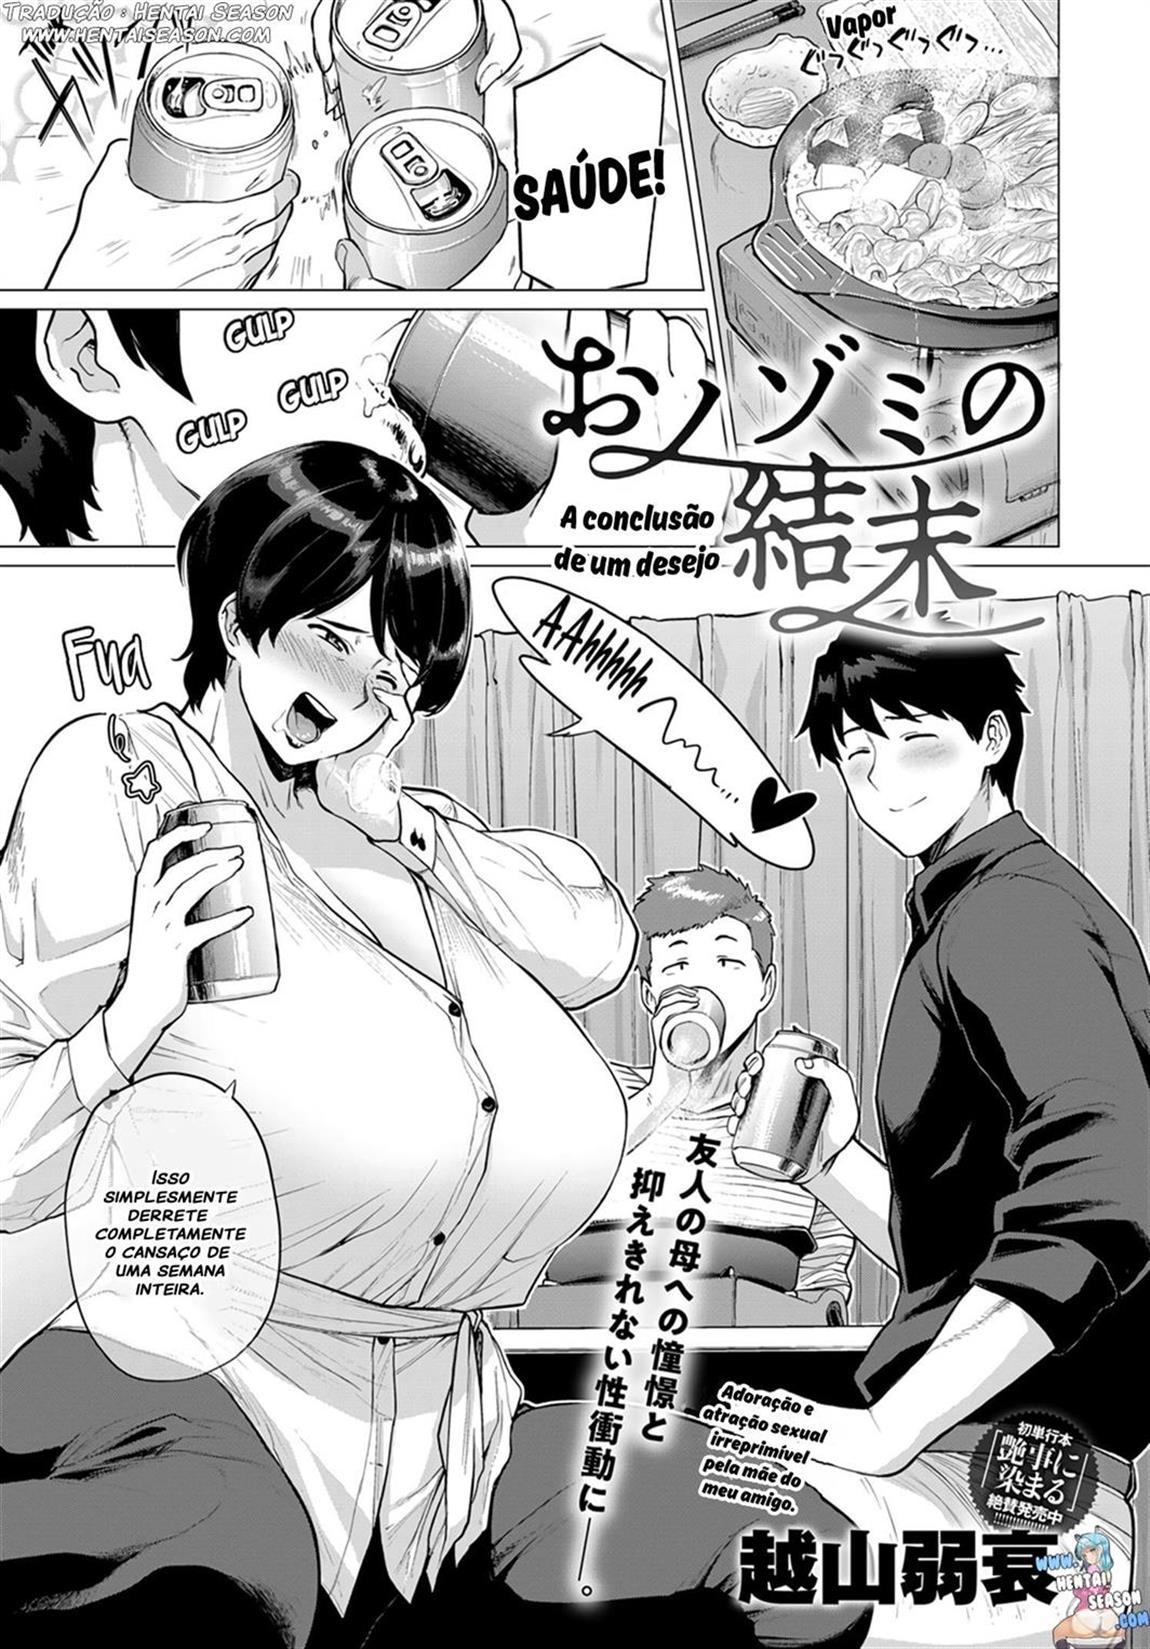 Onozomi no Ketsumatsu | A Wish's Conclusion